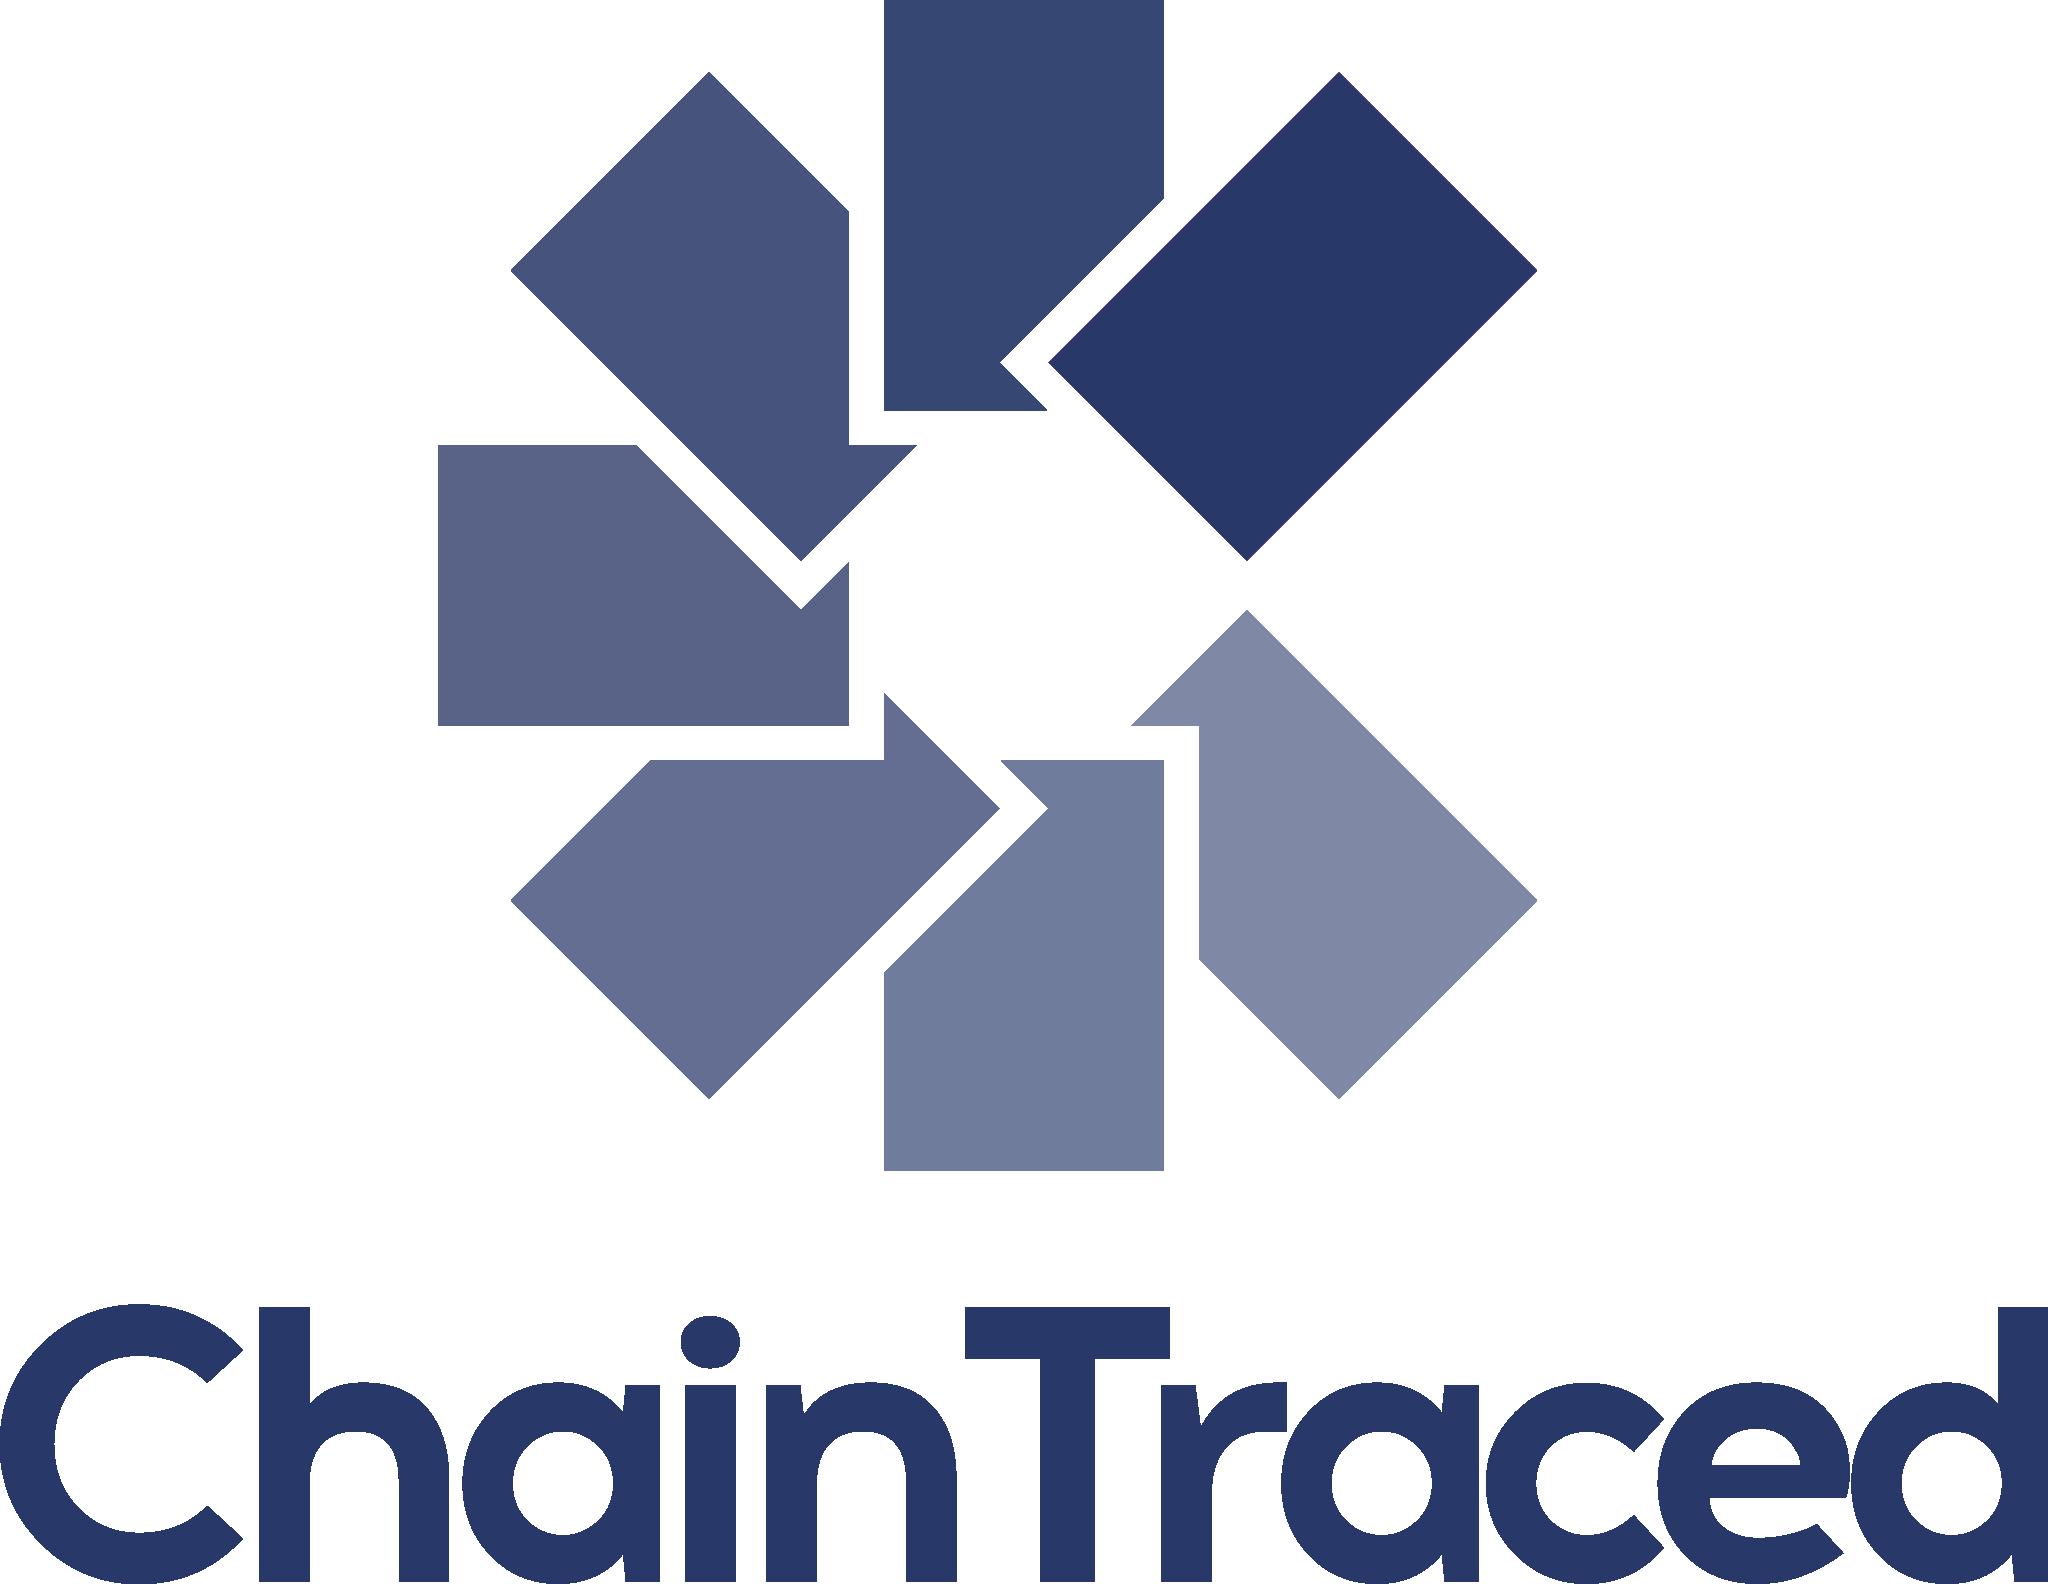 I tillverkande industri skickas produktdata fram och tillbaka som papper eller svårhanterade PDF-filer. Chaintraced är en app som automatiserar datahanteringen och som låter industribolagen fokusera på sin kärnverksamhet istället för tidsödande och manuellt pappersarbete.